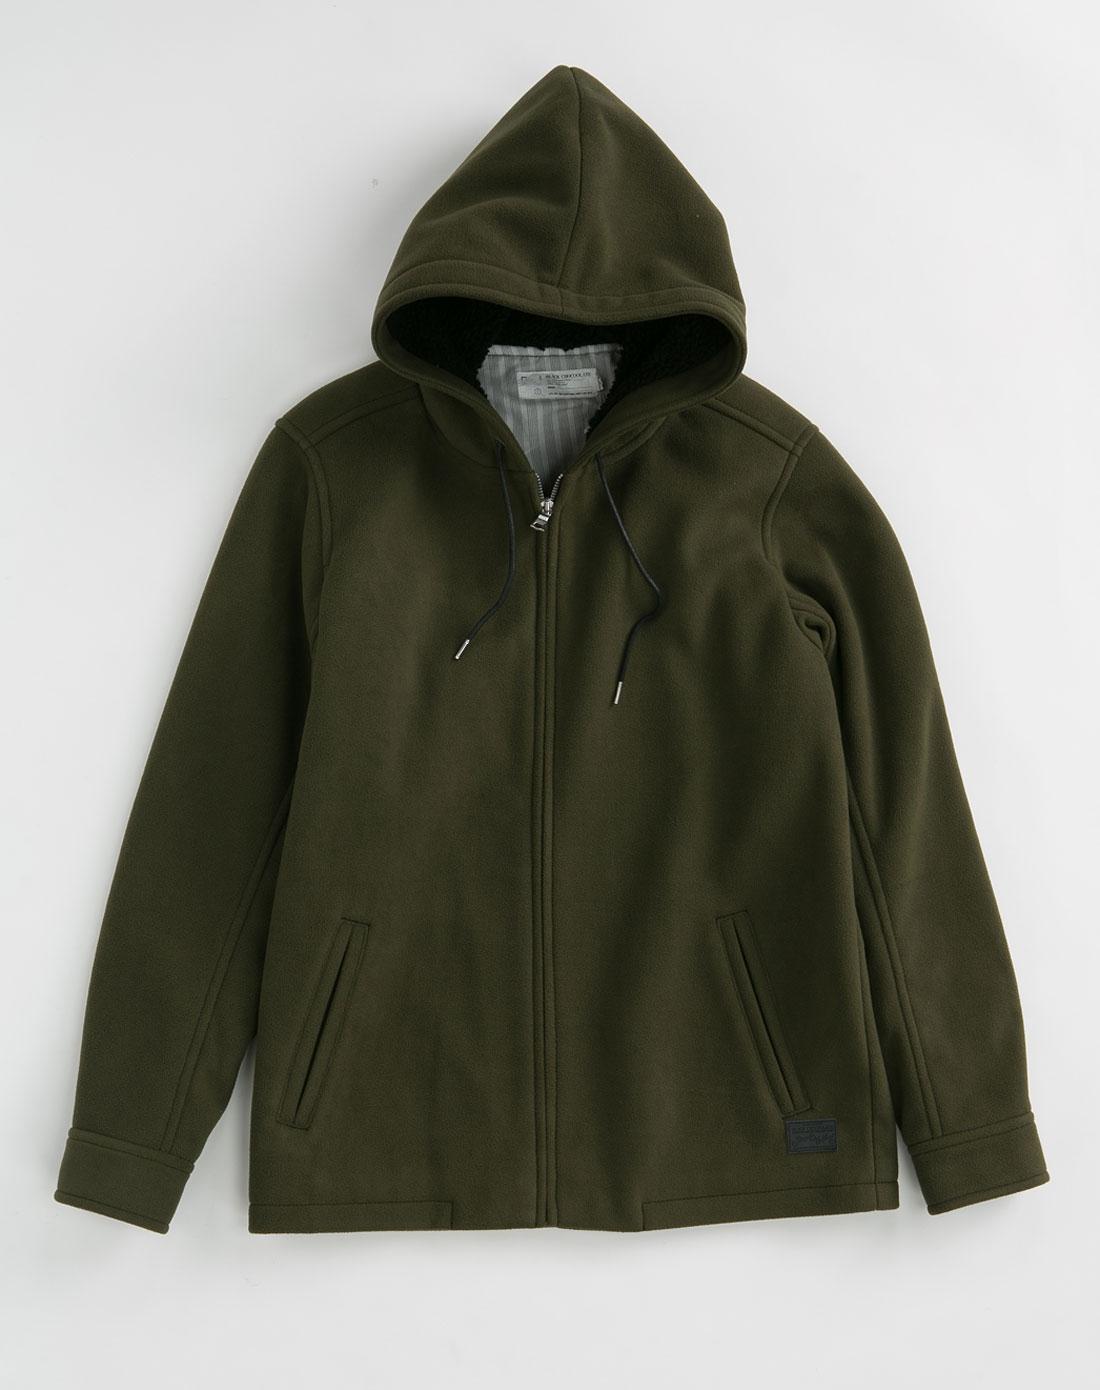 男装外套欹o#_chocoolate 男装深绿色外套